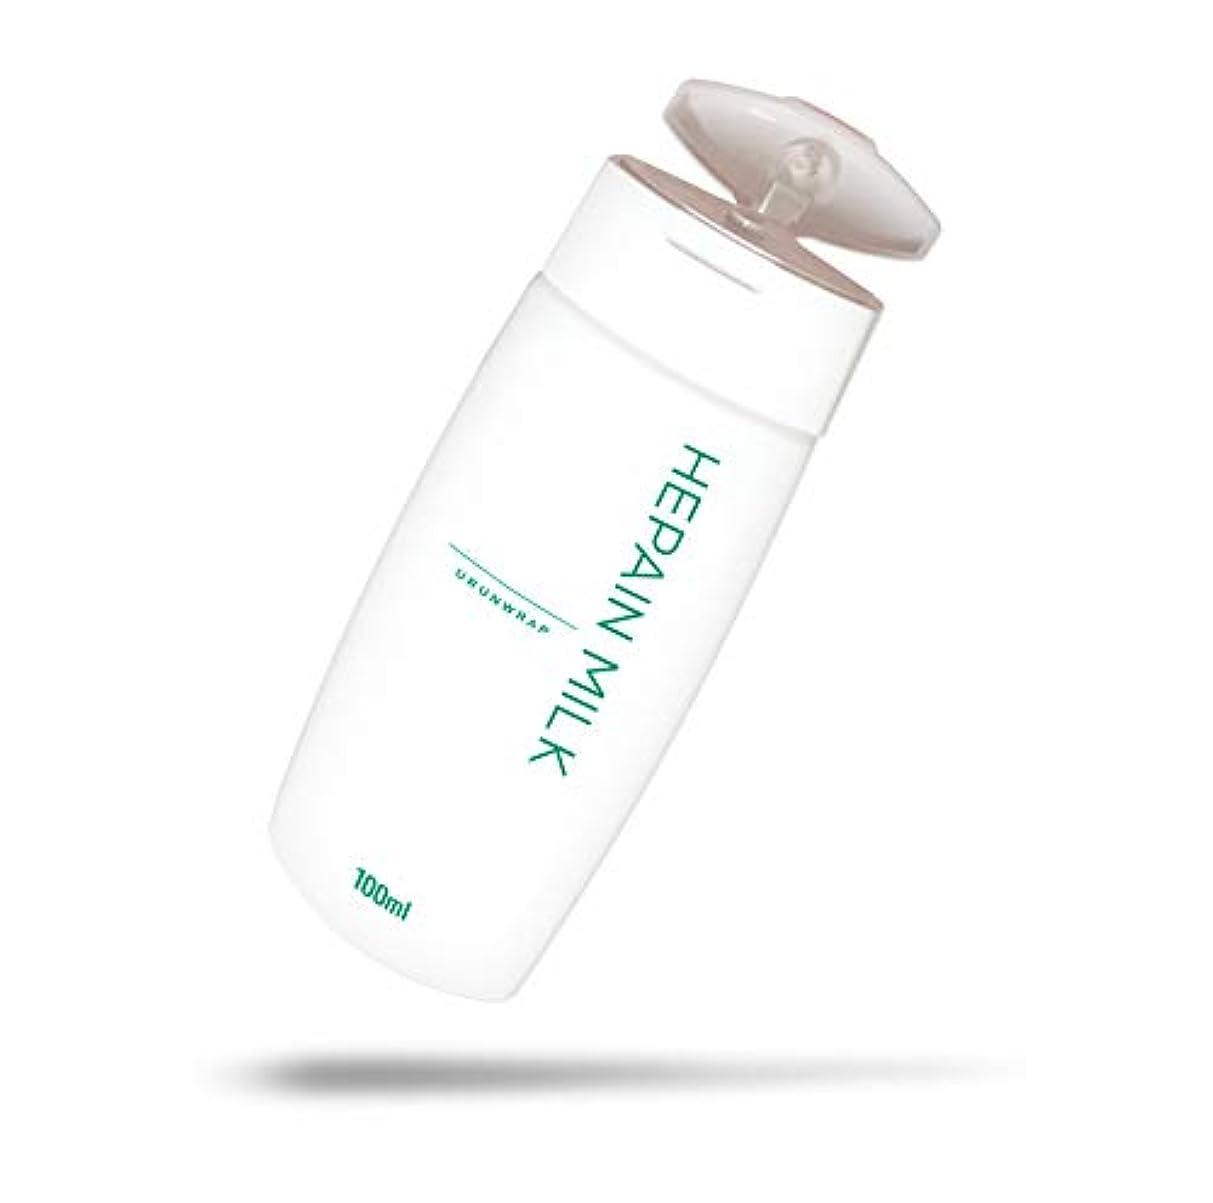 喜ぶに負けるセクタウルンラップ 乳液 へパインミルク ヘパリン類似物質 薬用 ローション タイプ[日本製 医薬部外品 乾燥肌用 ボディミルク 顔 からだ] 100ml